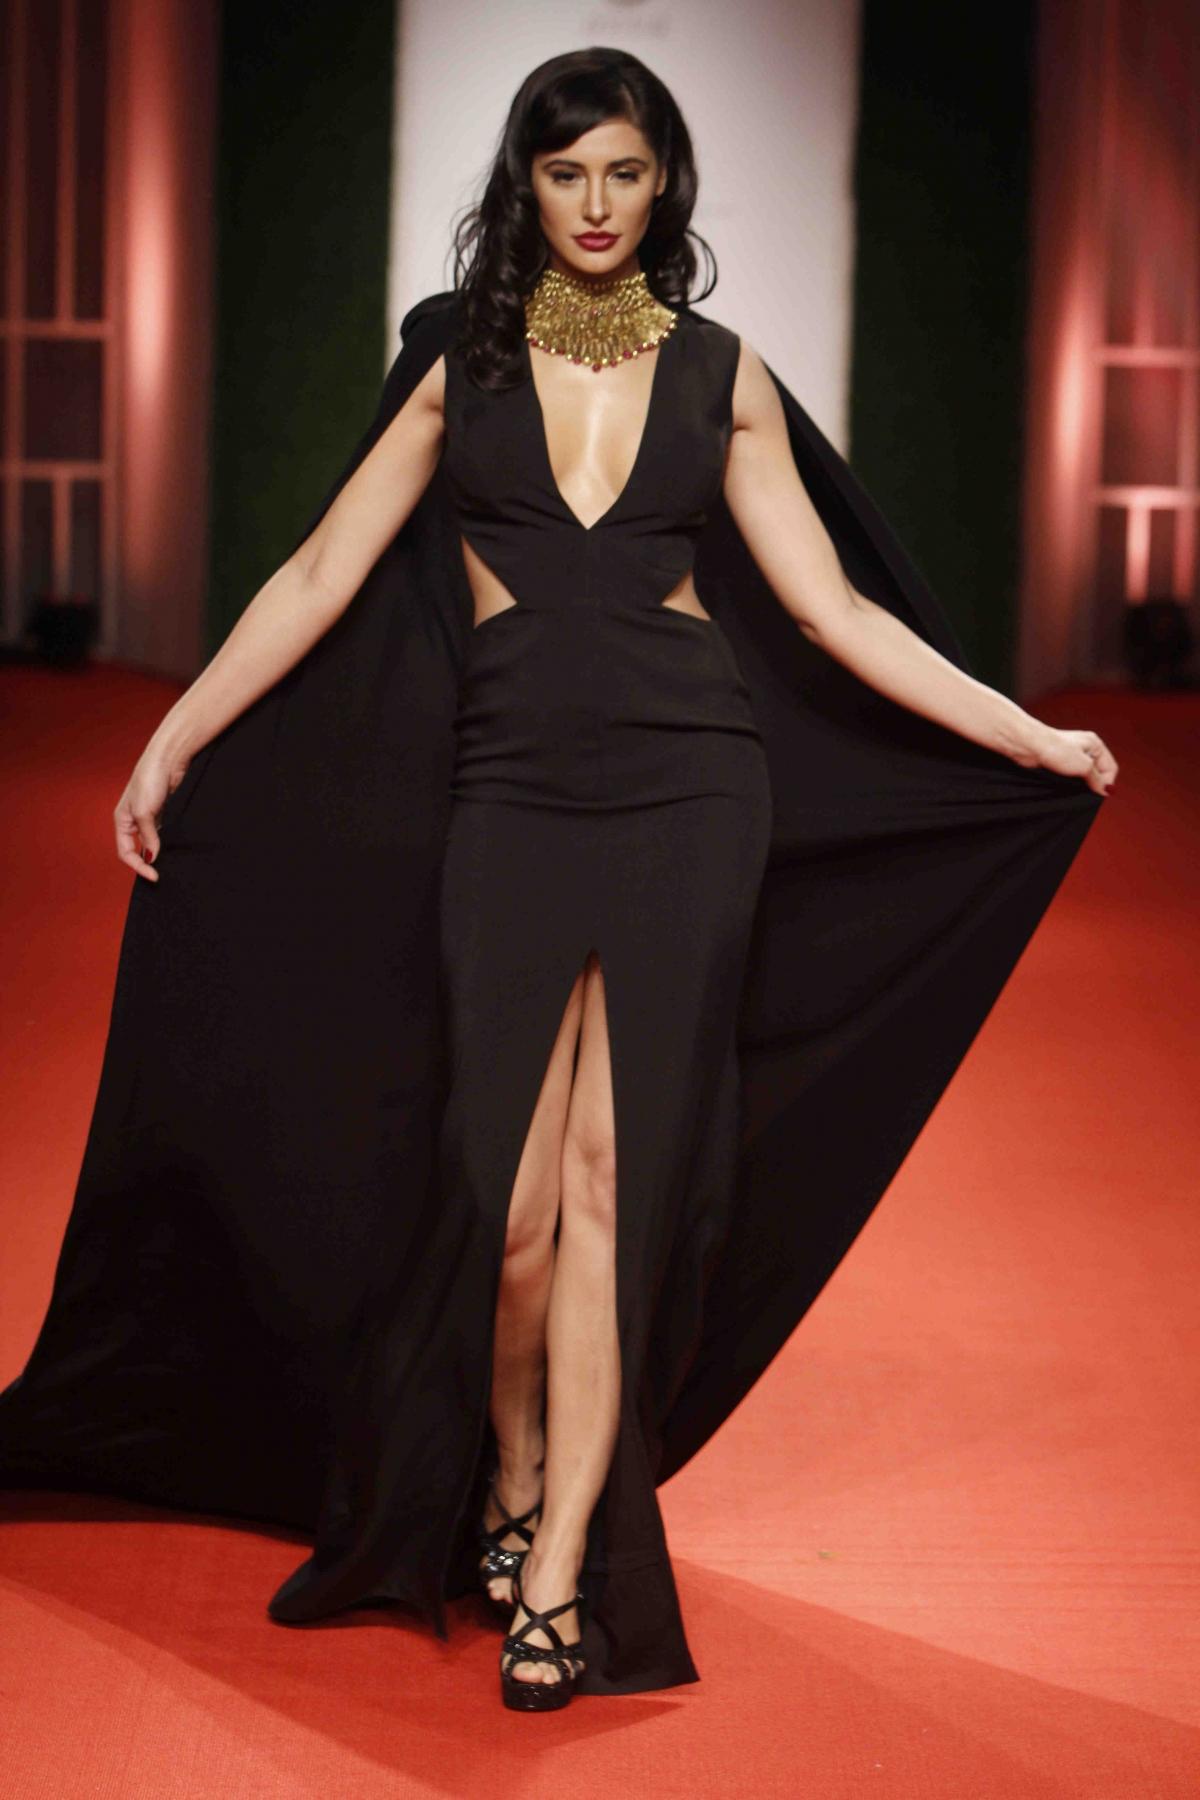 India Bridal Fashion Week Nargis Fakhri Suffers Wardrobe -3338